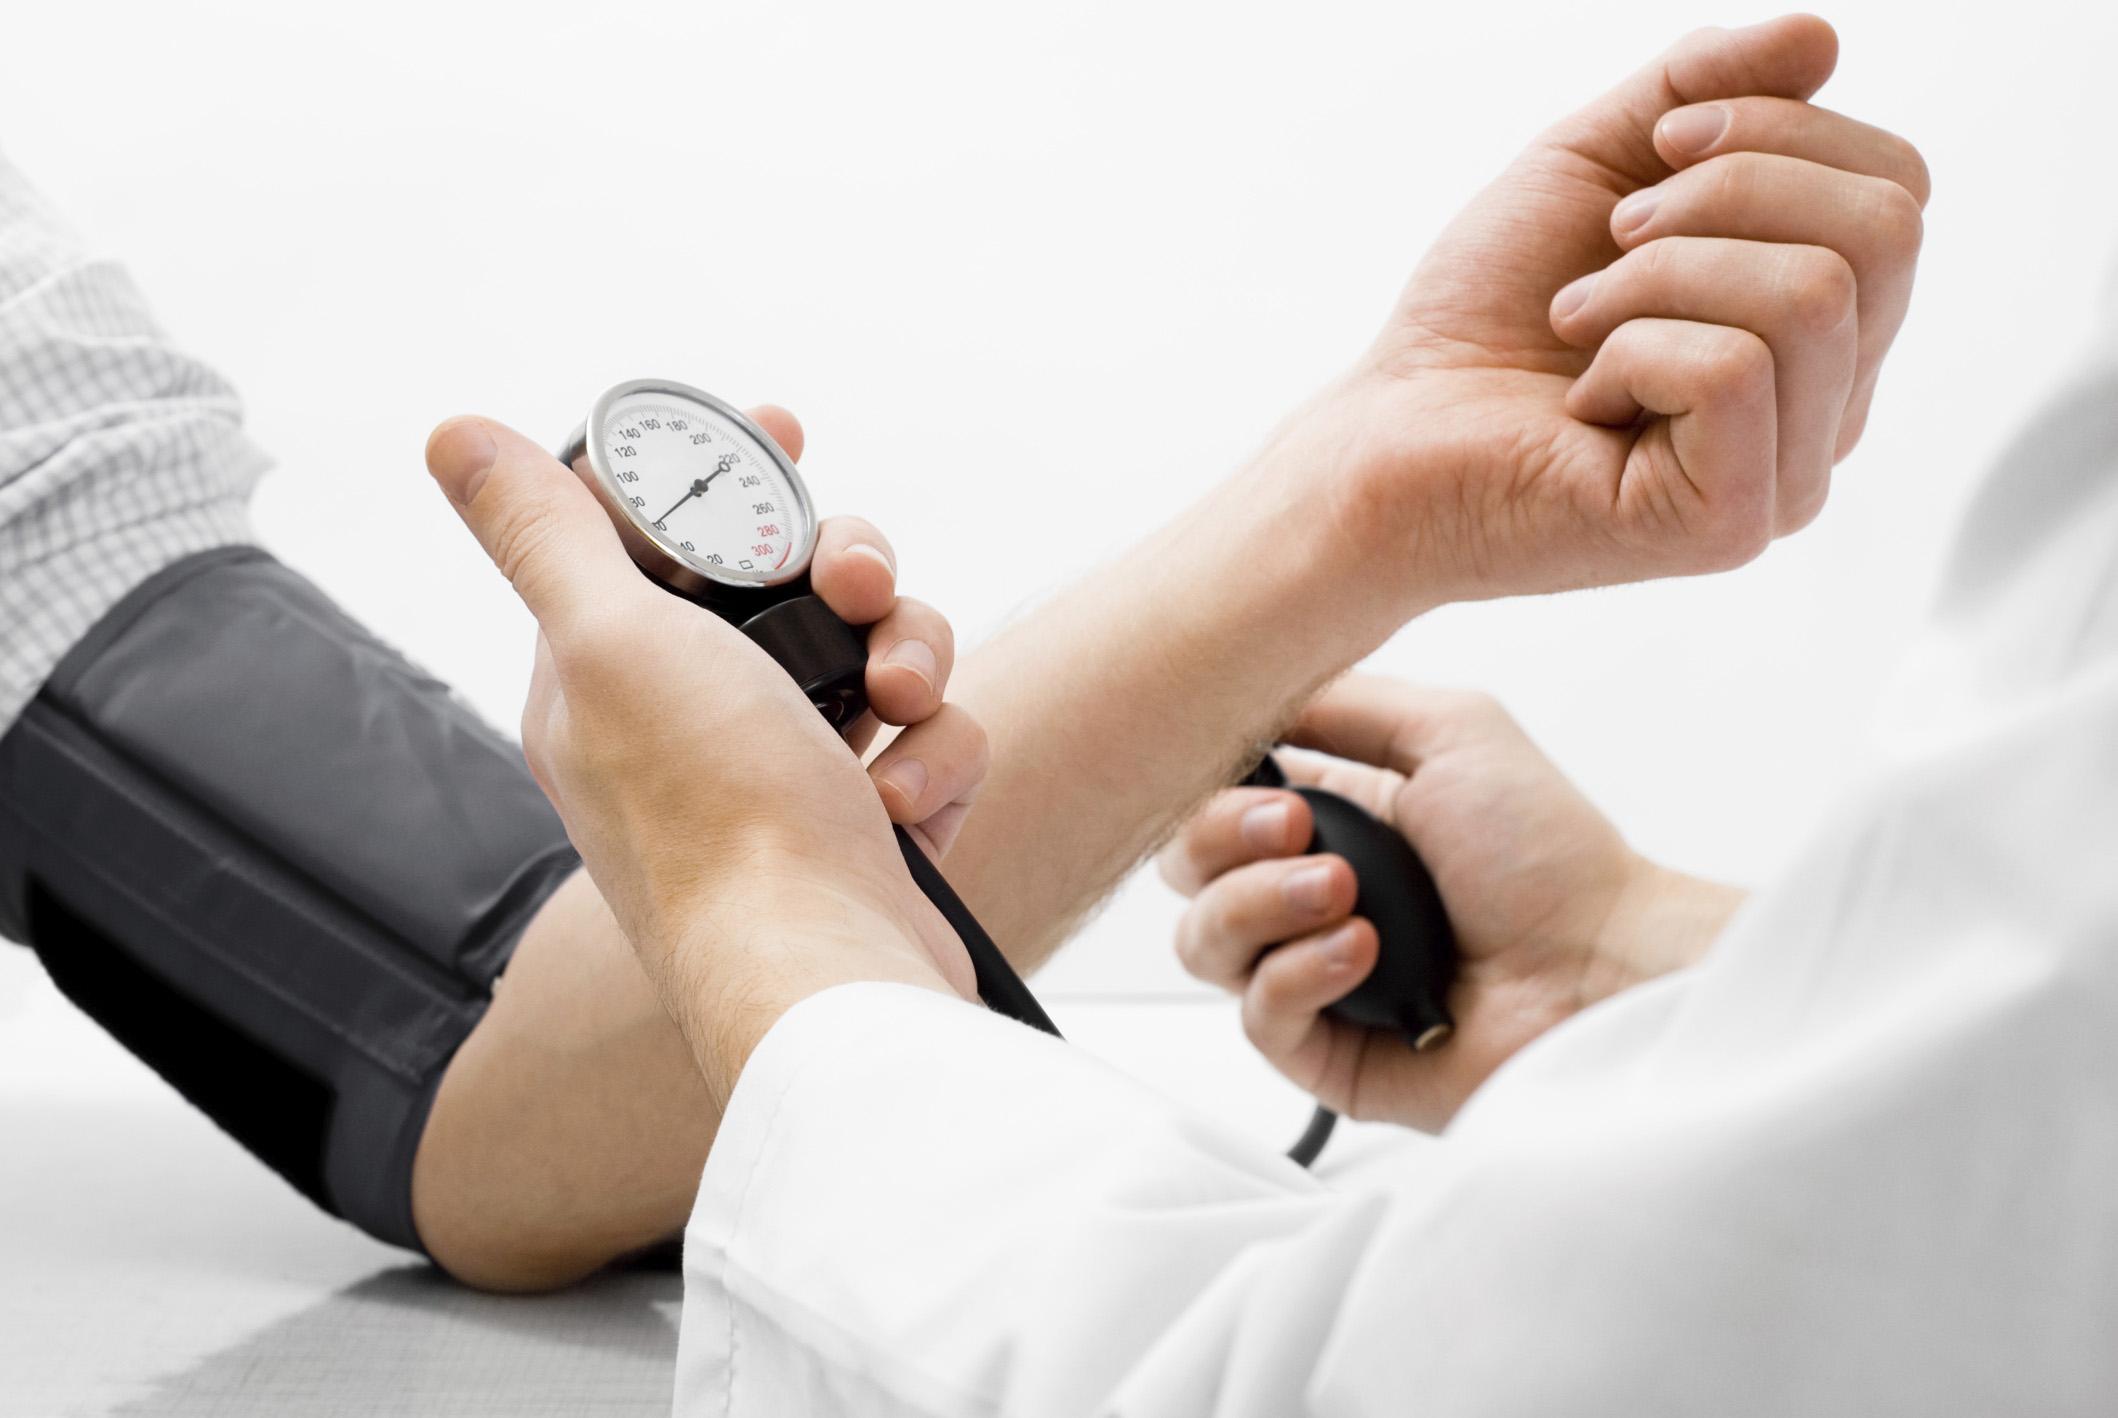 Cura naturale contro l'ipertensione arteriosa